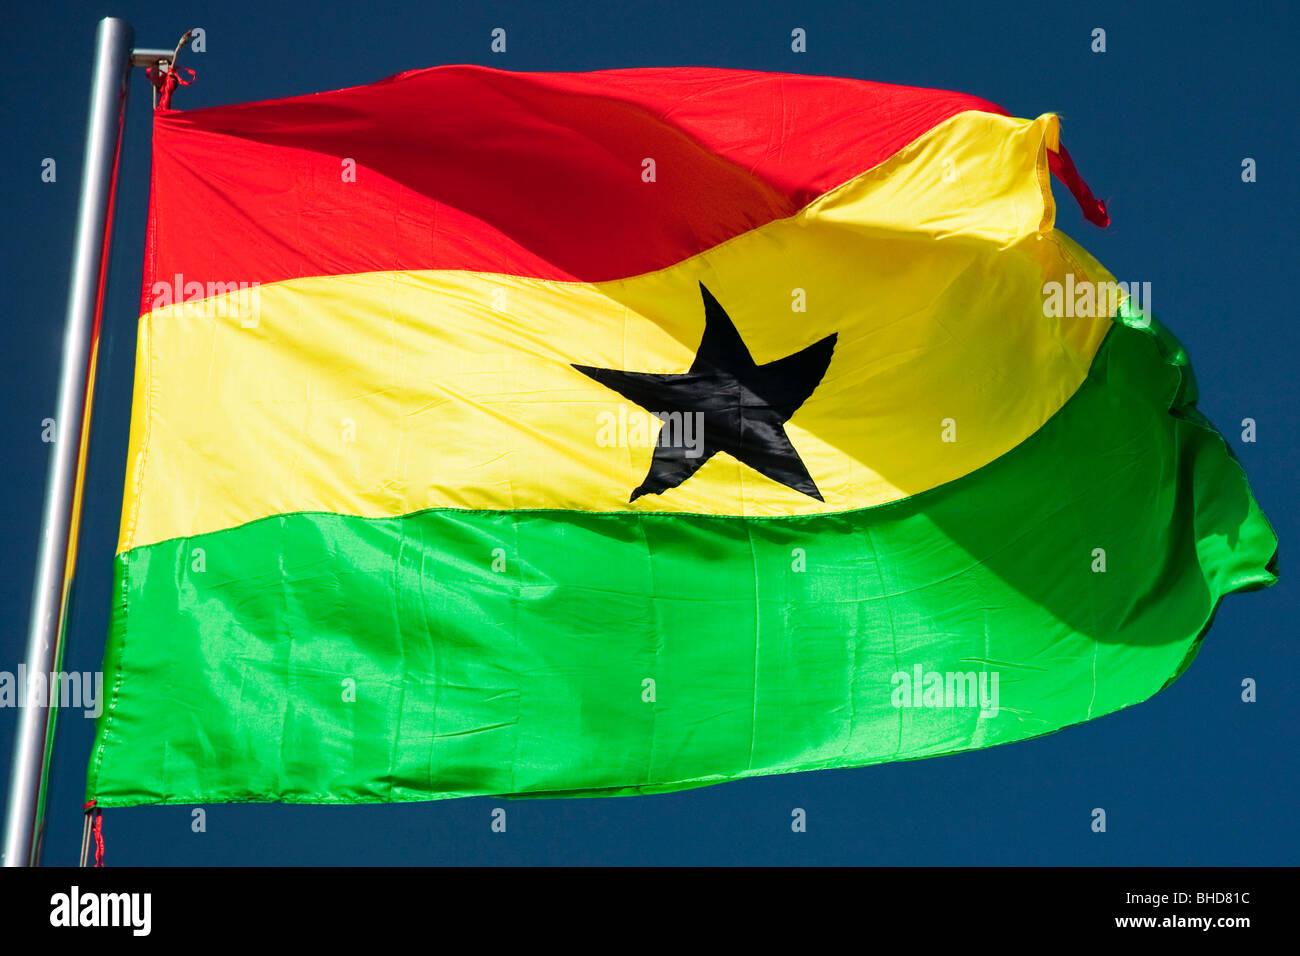 Flag of Ghana - Stock Image